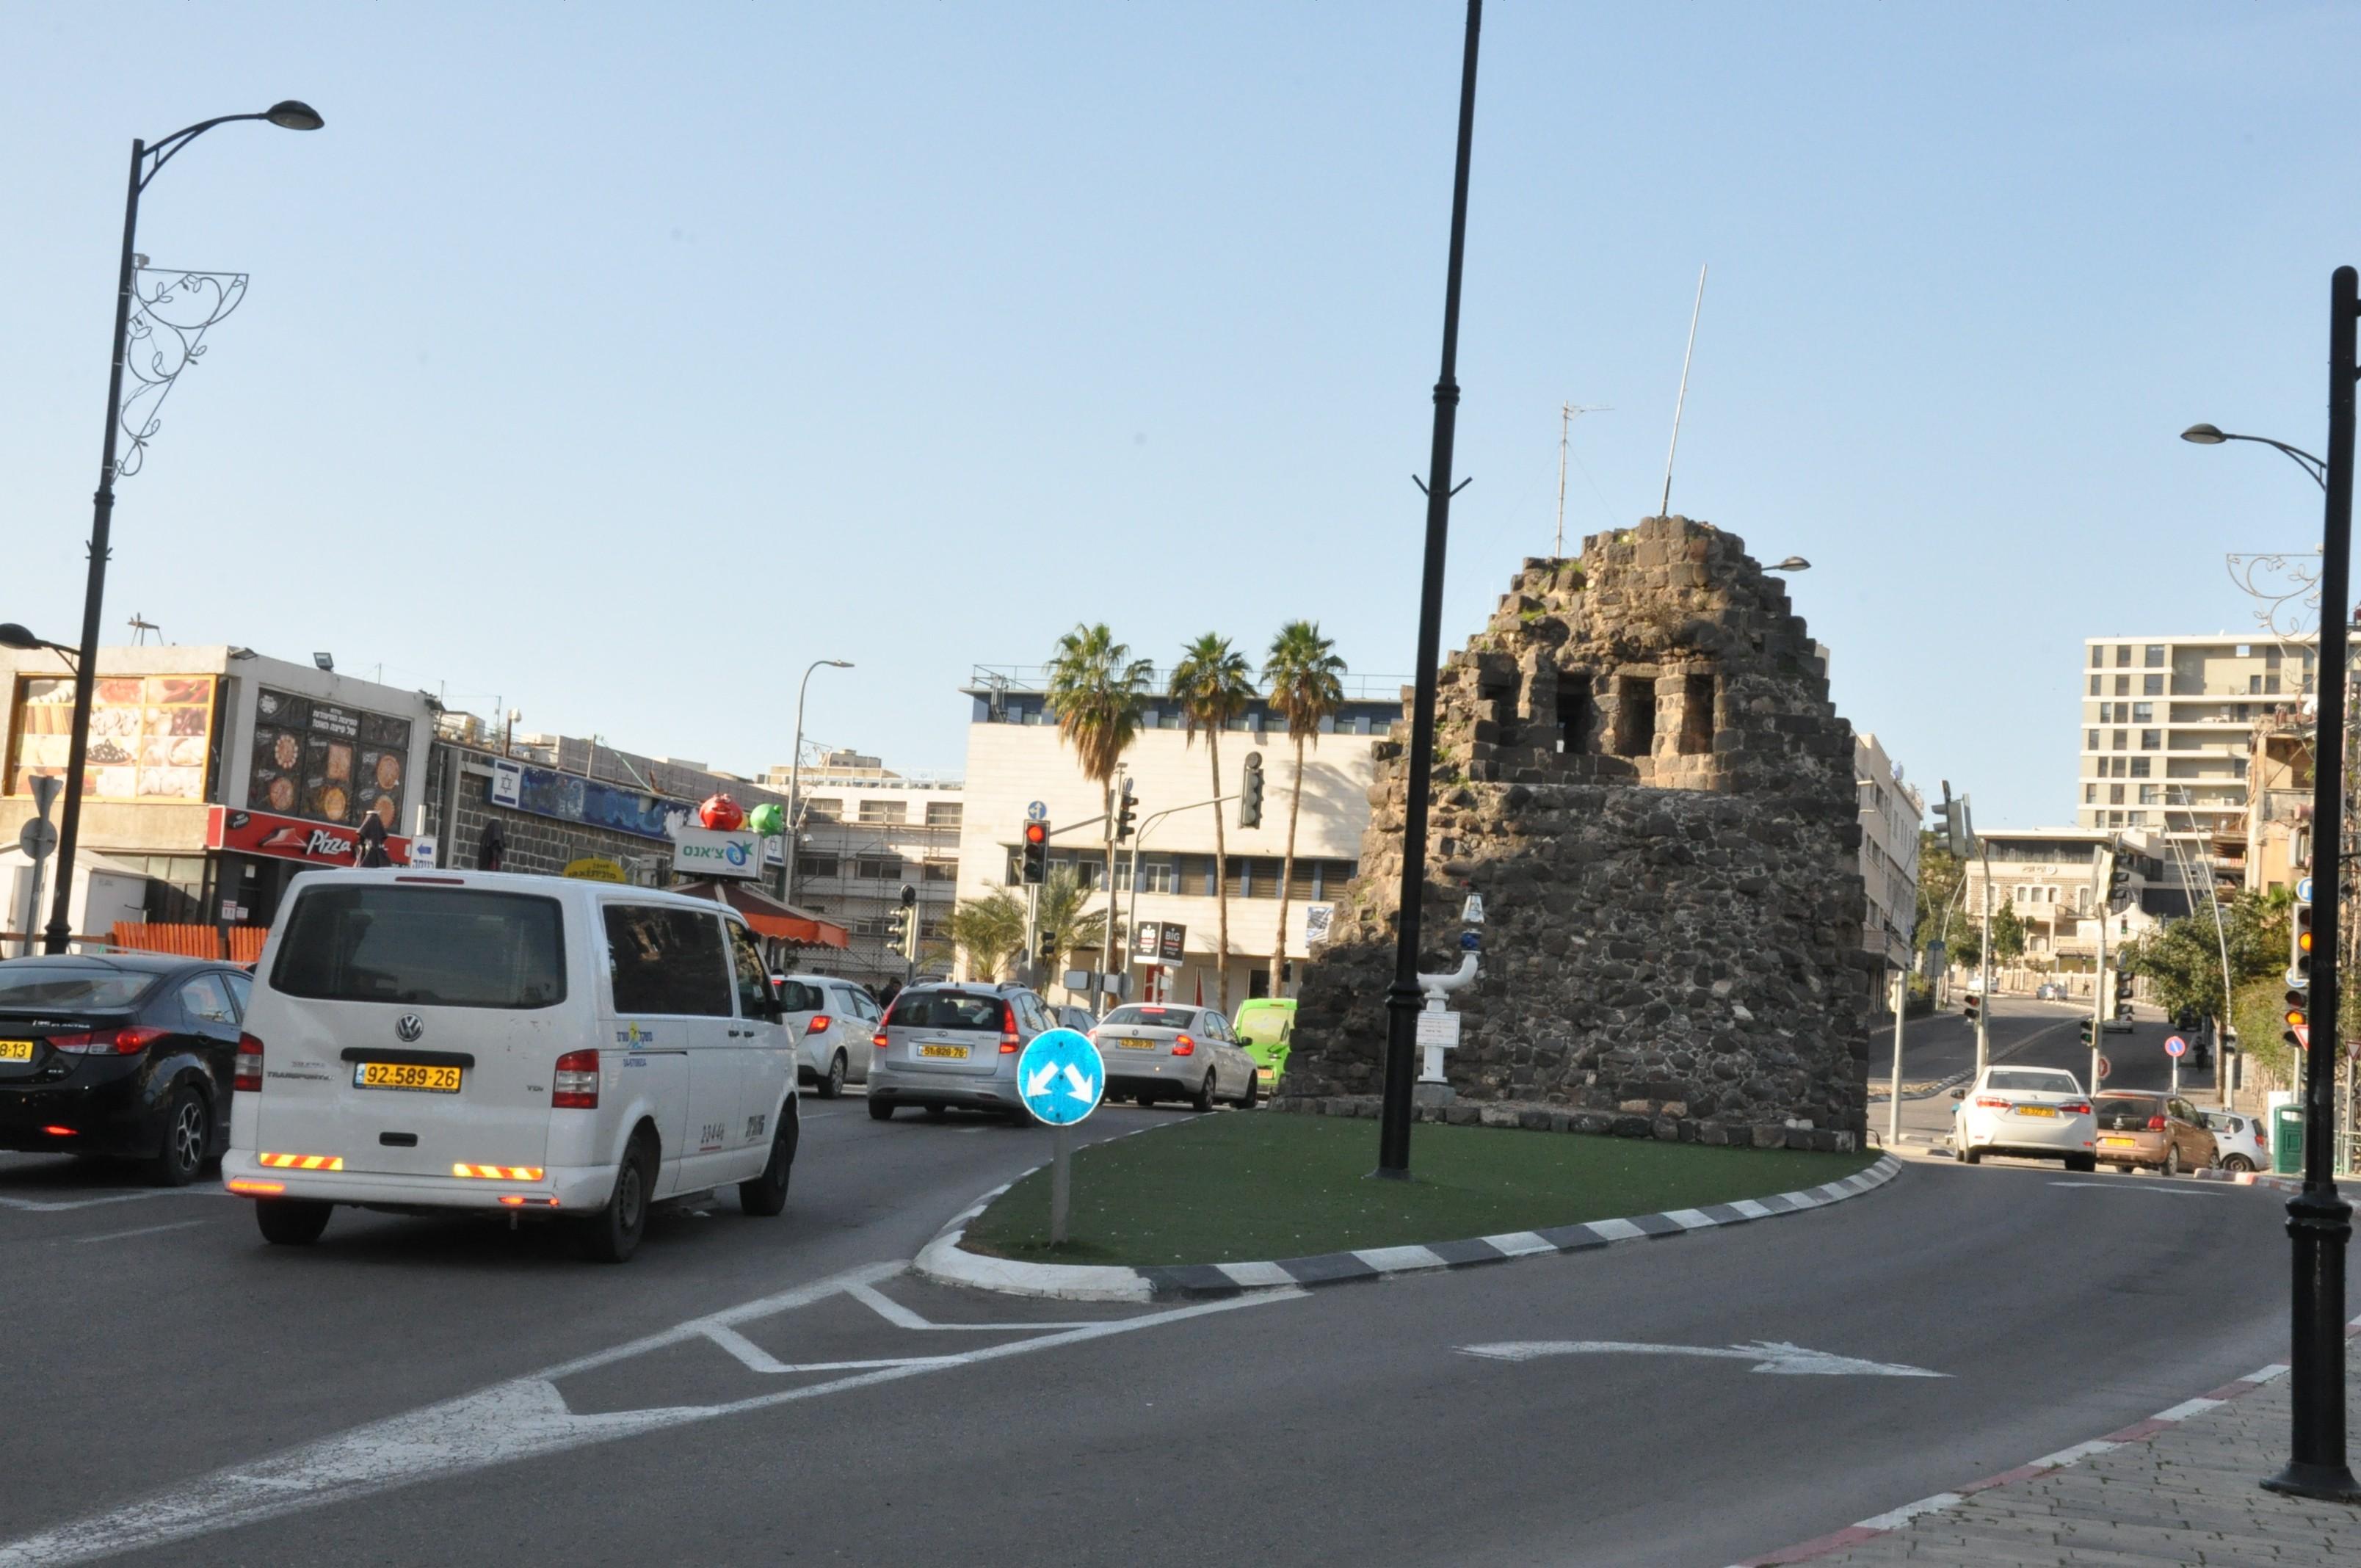 البلدة القديمة بطبرية جمعت مقدسات إسلامية ومسيحية تم طمسها بغالبيتها